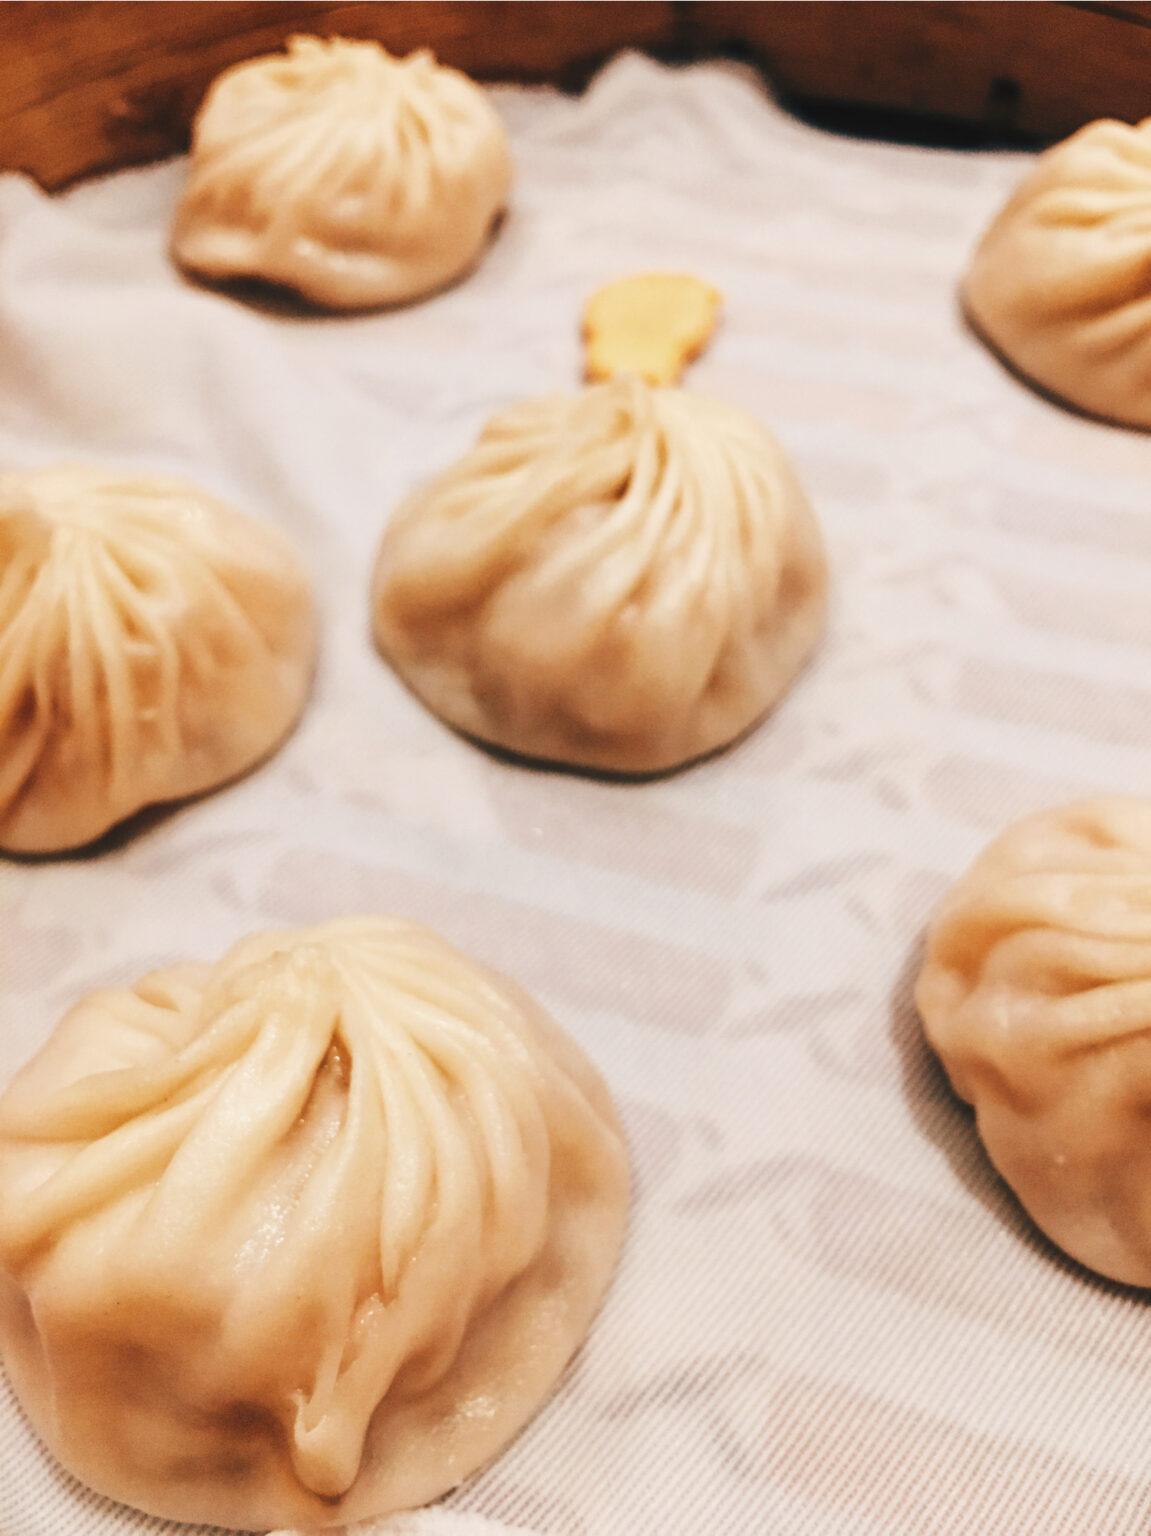 Xiaolong Bao